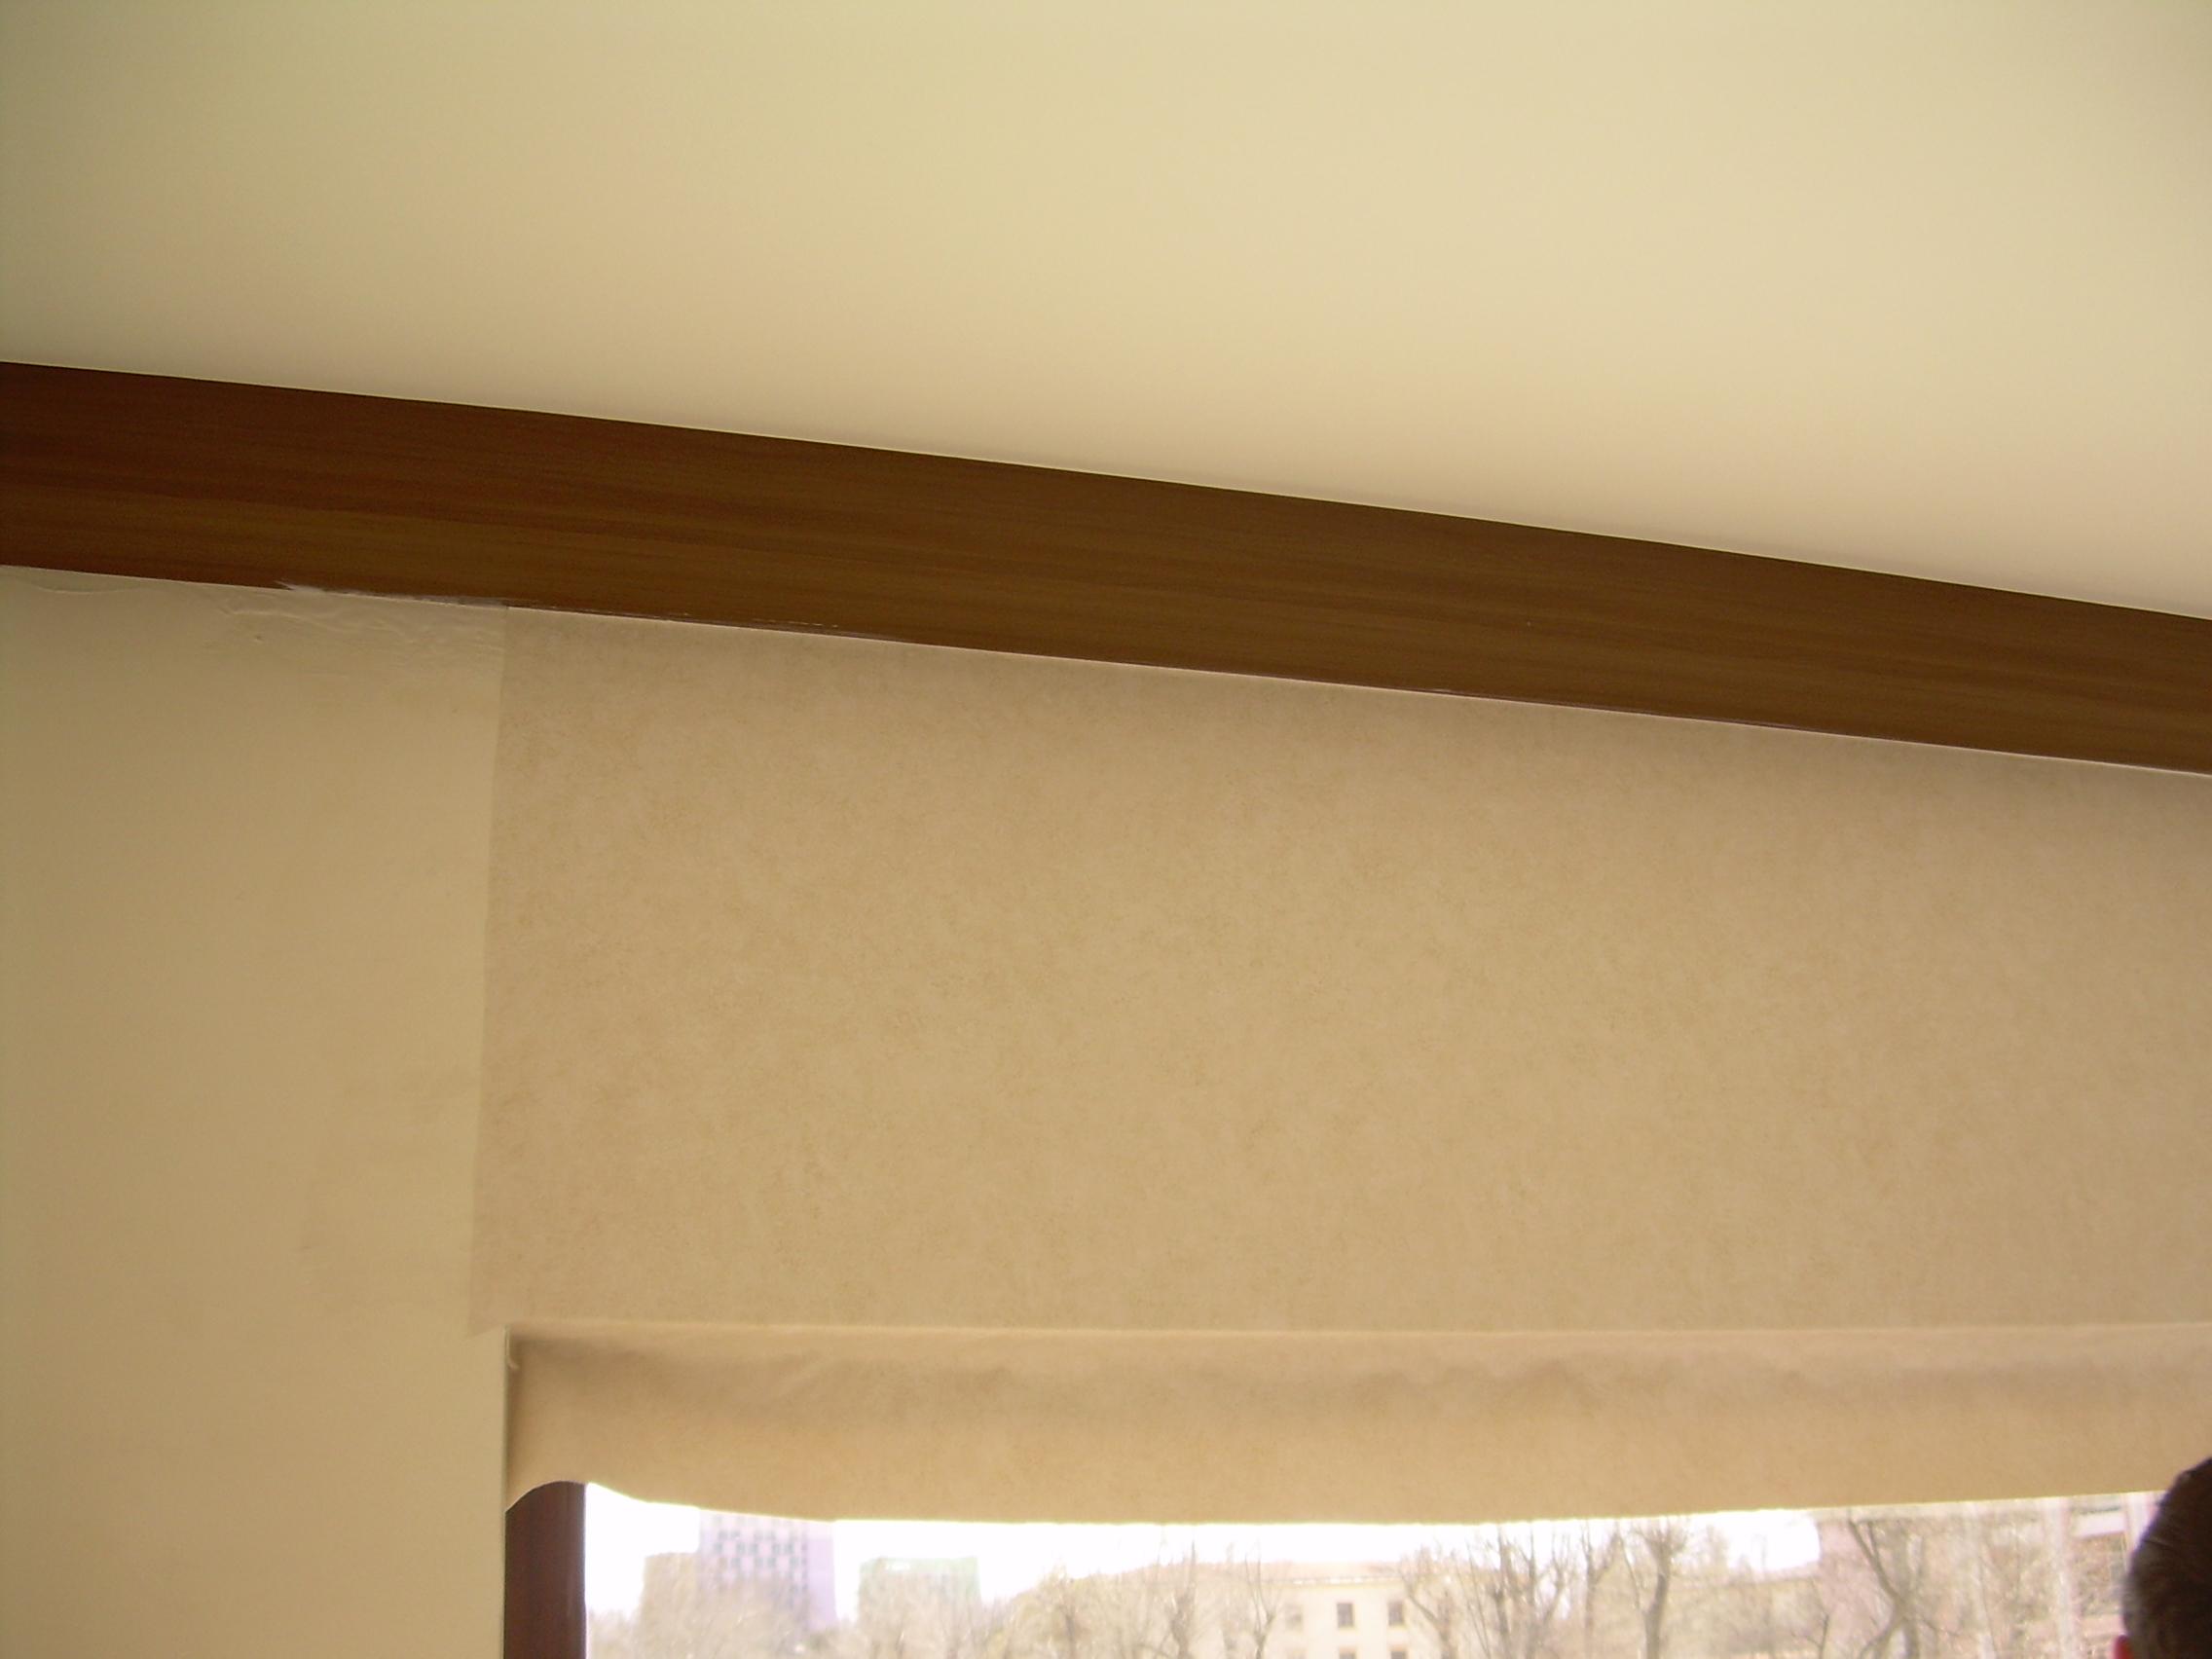 Lucrari de amenajare interioare cu tapet  - Poza 37